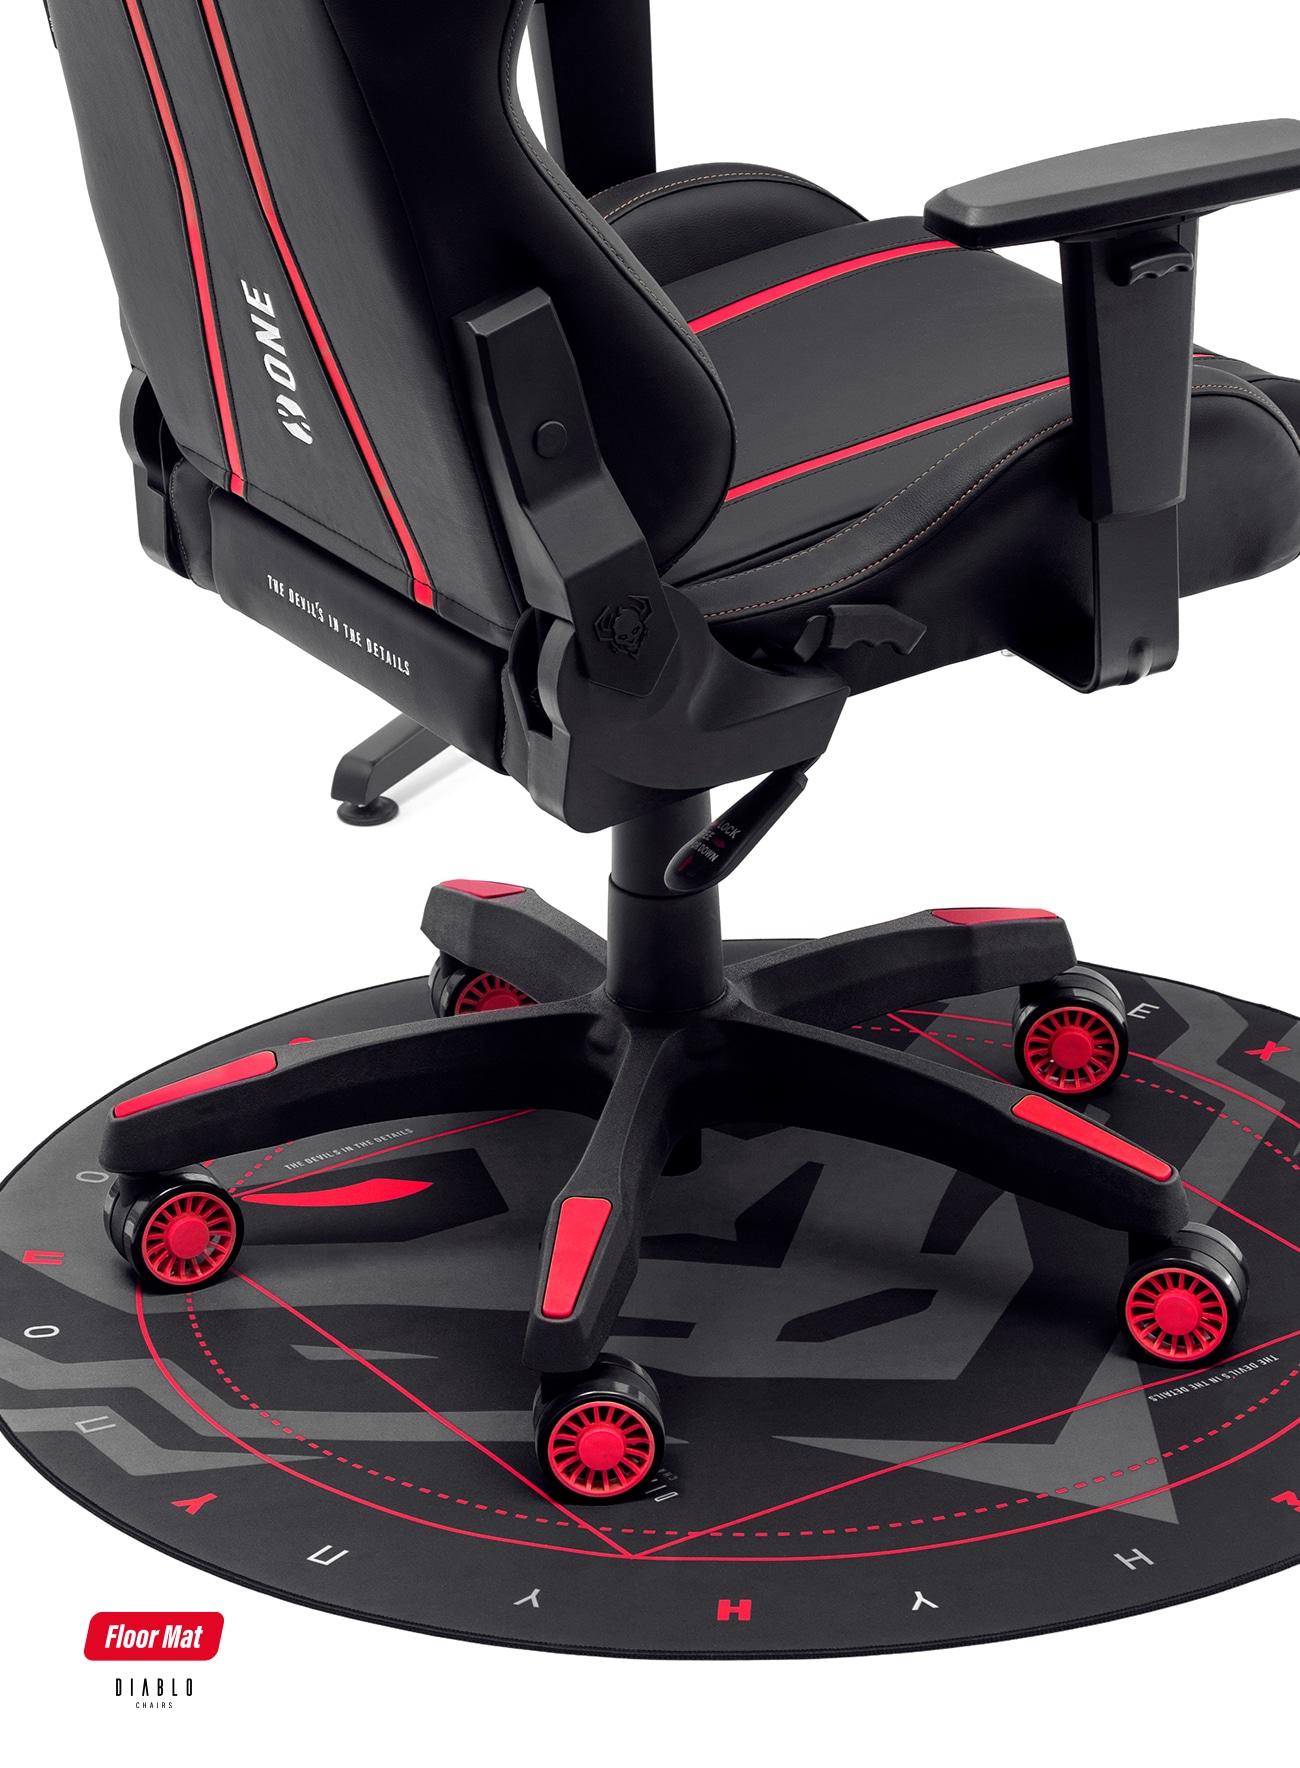 Diablo Chairs Floor Pad Gaming - 1